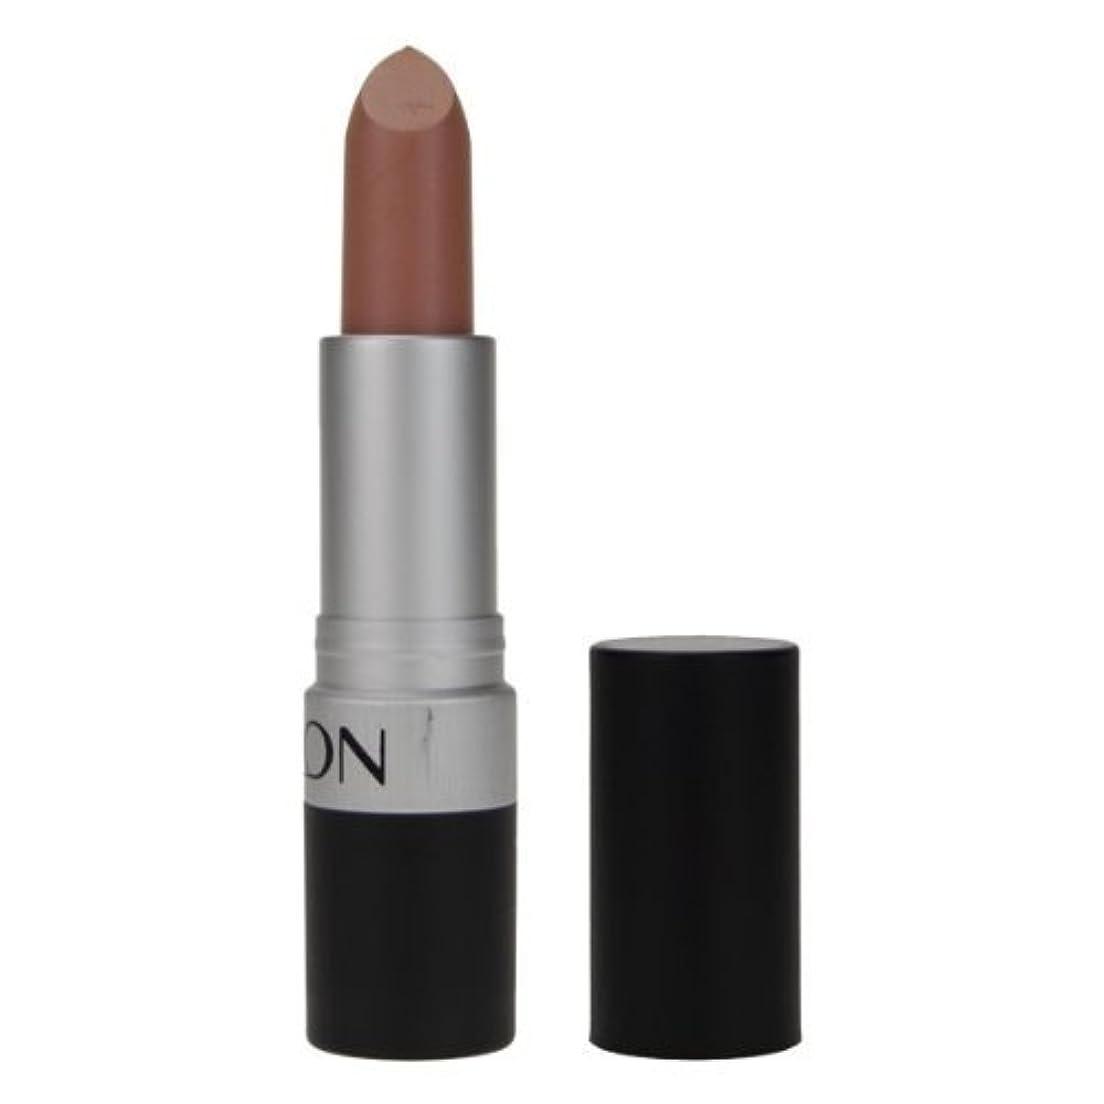 経歴寄り添うスーパーマーケットREVLON Super Lustrous Lipstick Matte - Nude Attitude 001 (並行輸入品)